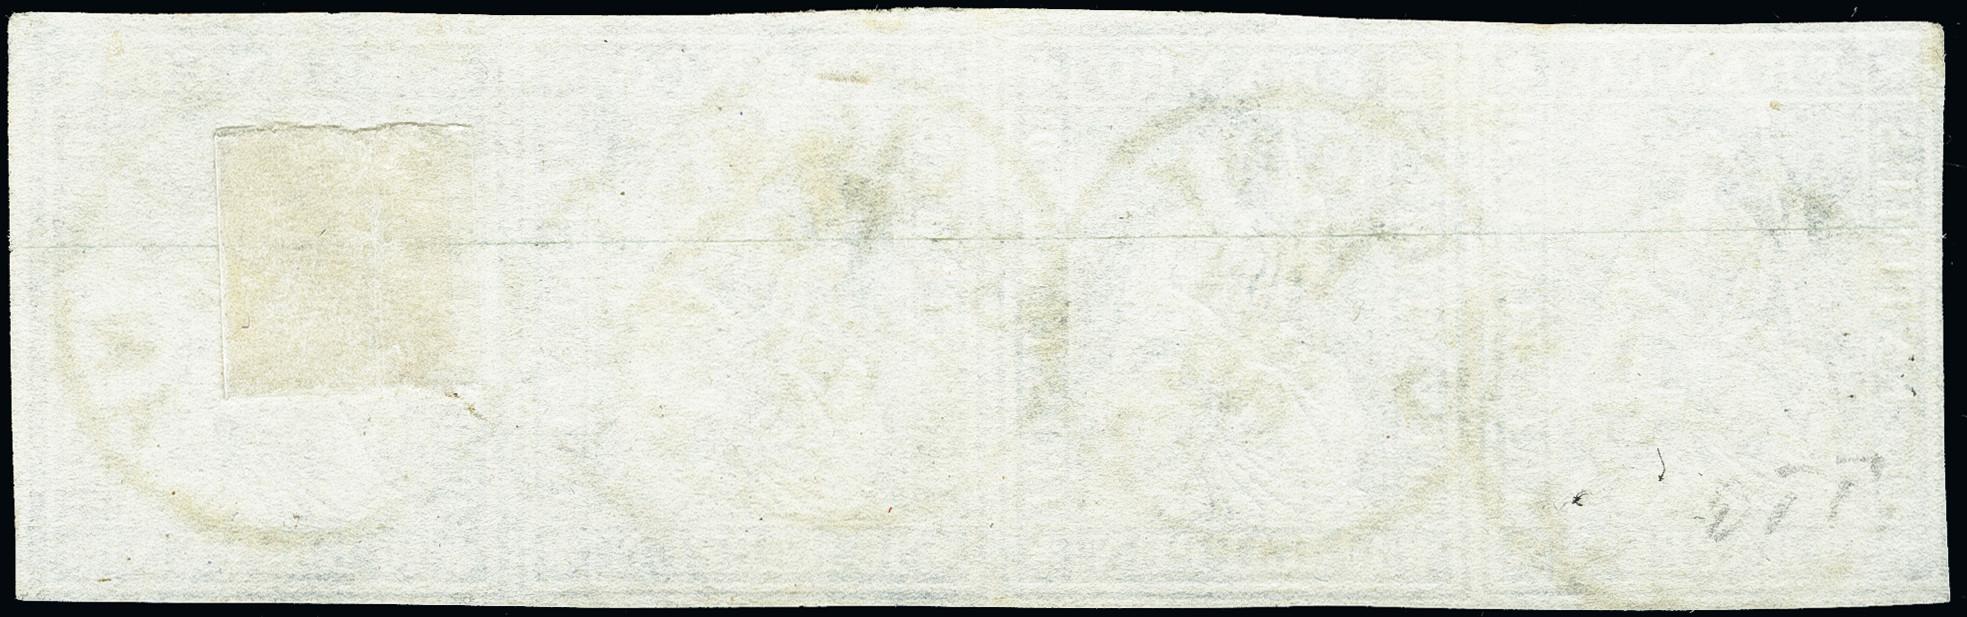 Lot 1013 - Switzerland swiss federal post -  Heinrich Koehler Auktionen Heinrich Köhler Auction 376 - Day 1